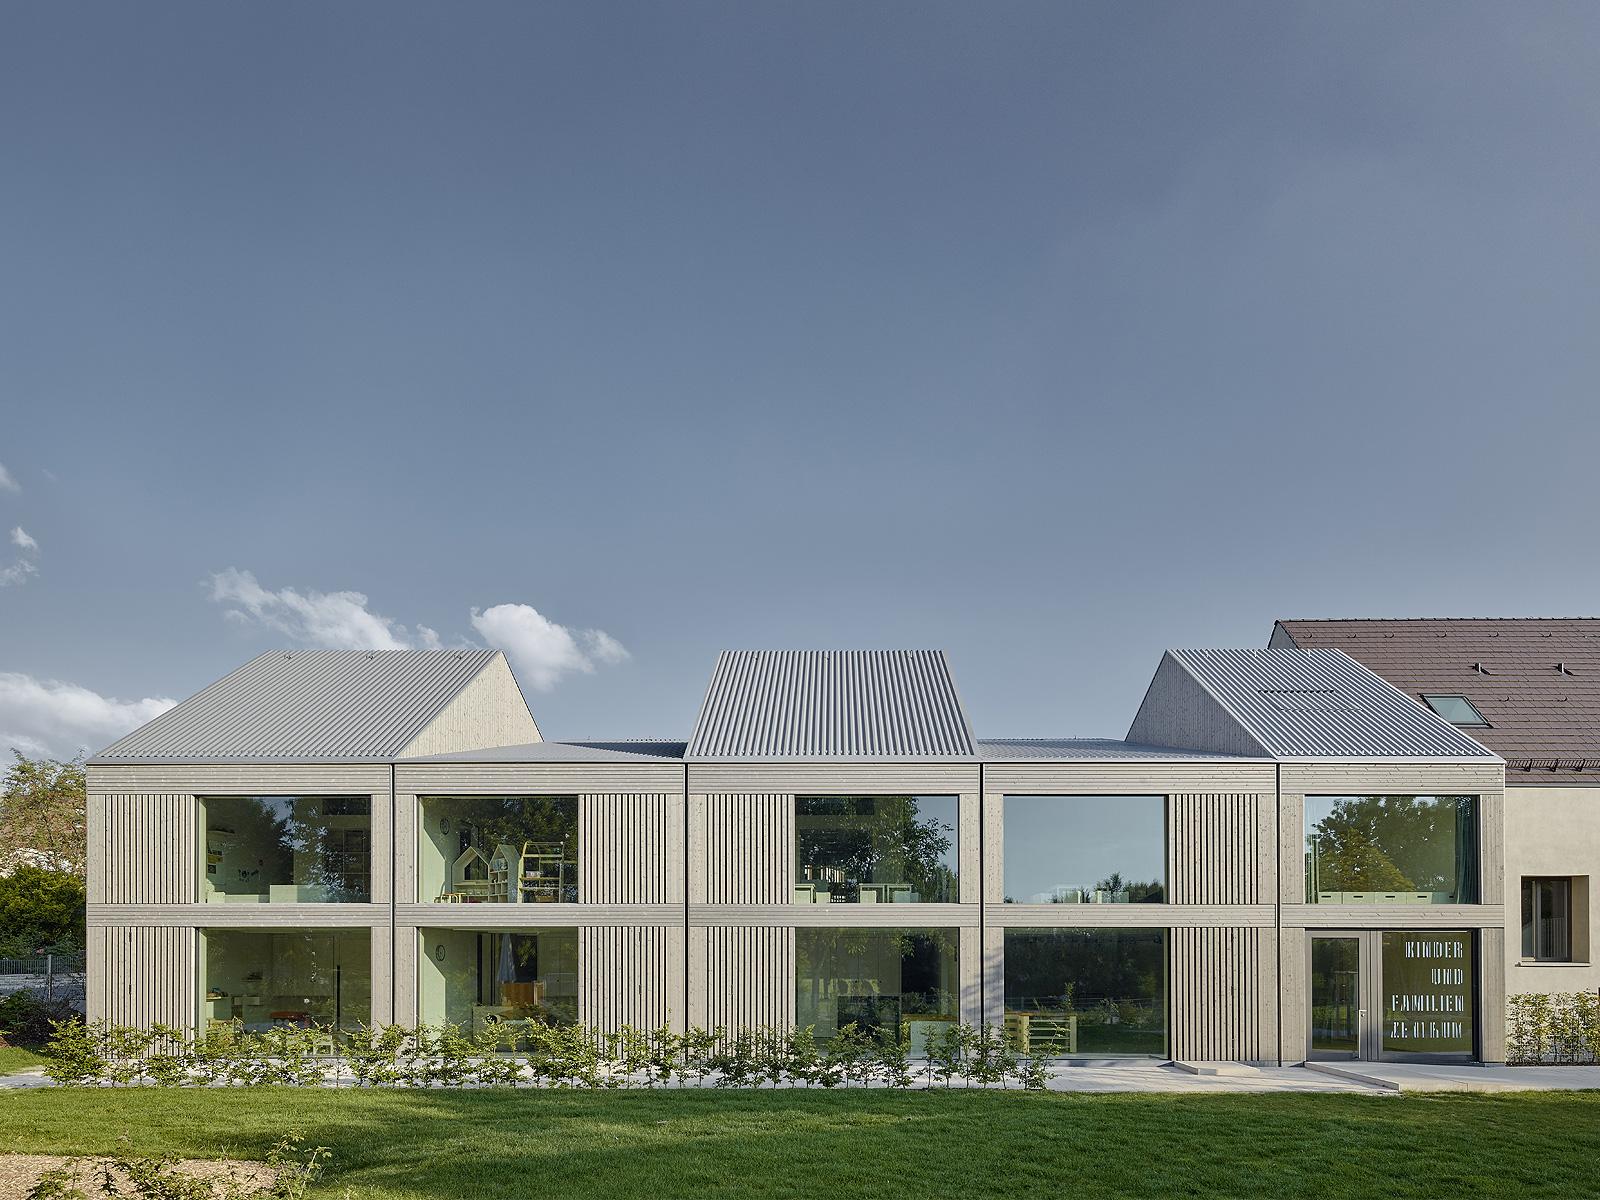 best architects architektur award von m von m. Black Bedroom Furniture Sets. Home Design Ideas